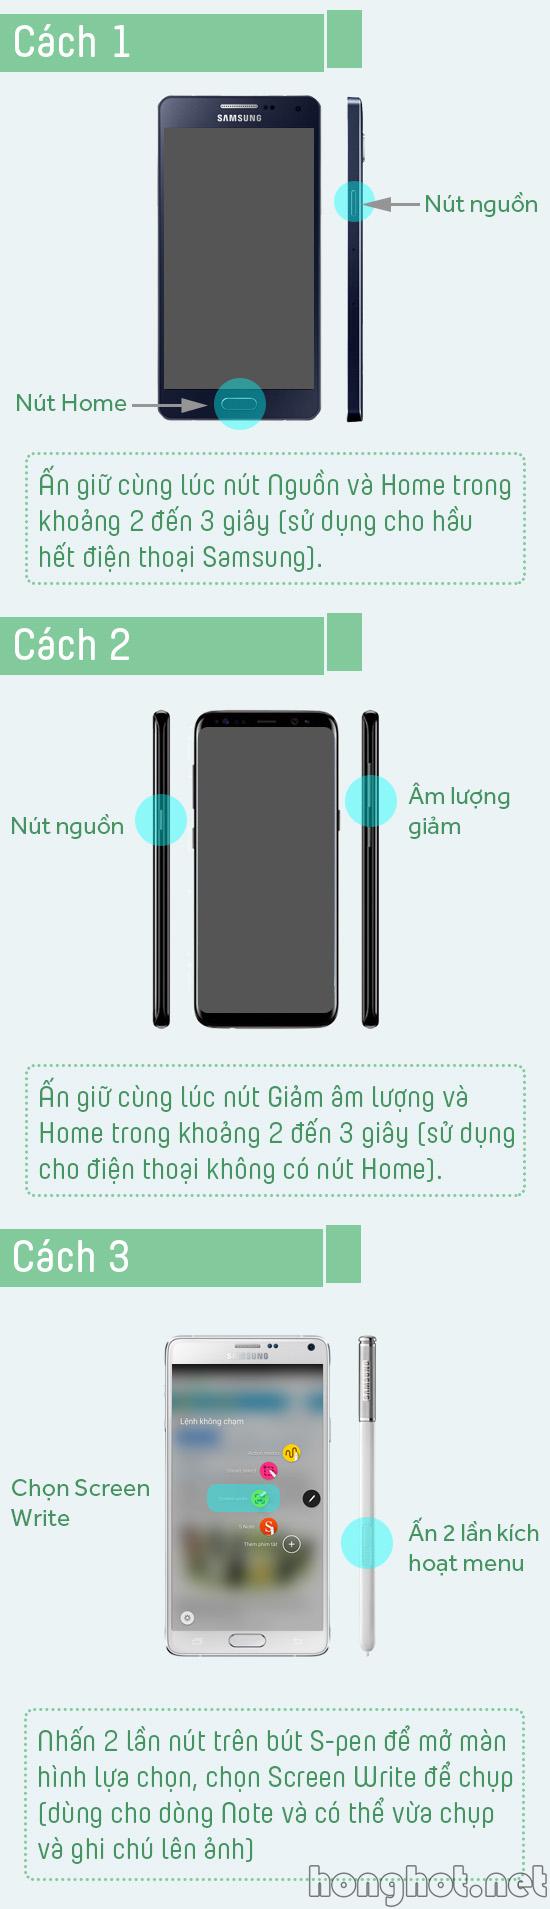 Info Graphic Cách chụp màn hình Samsung